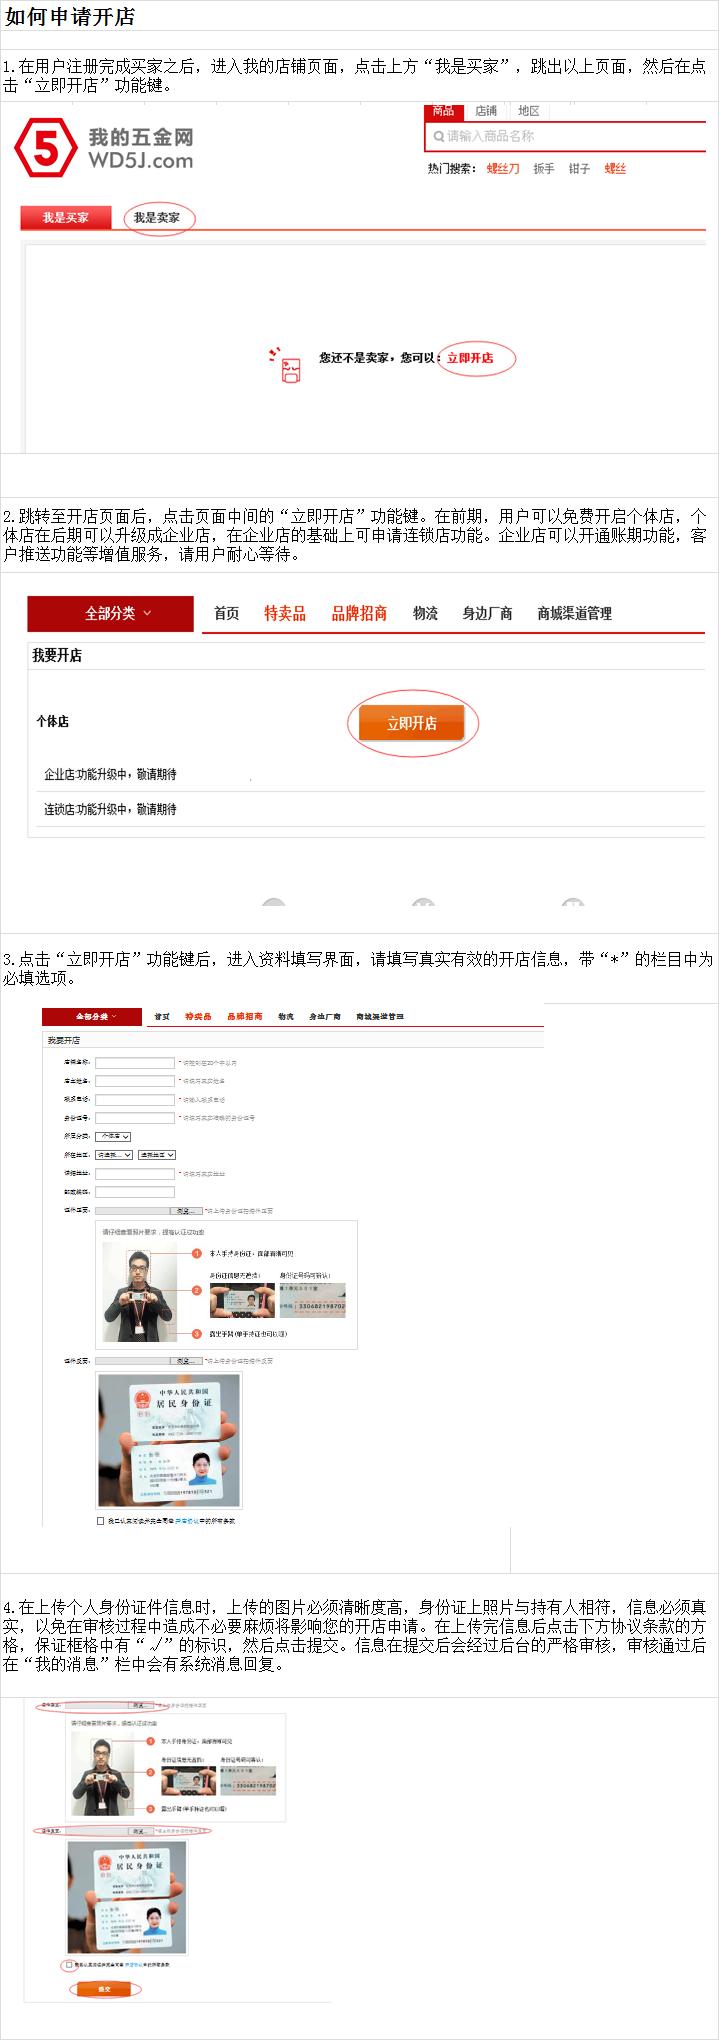 1.4企业用户注册 - 副本.png